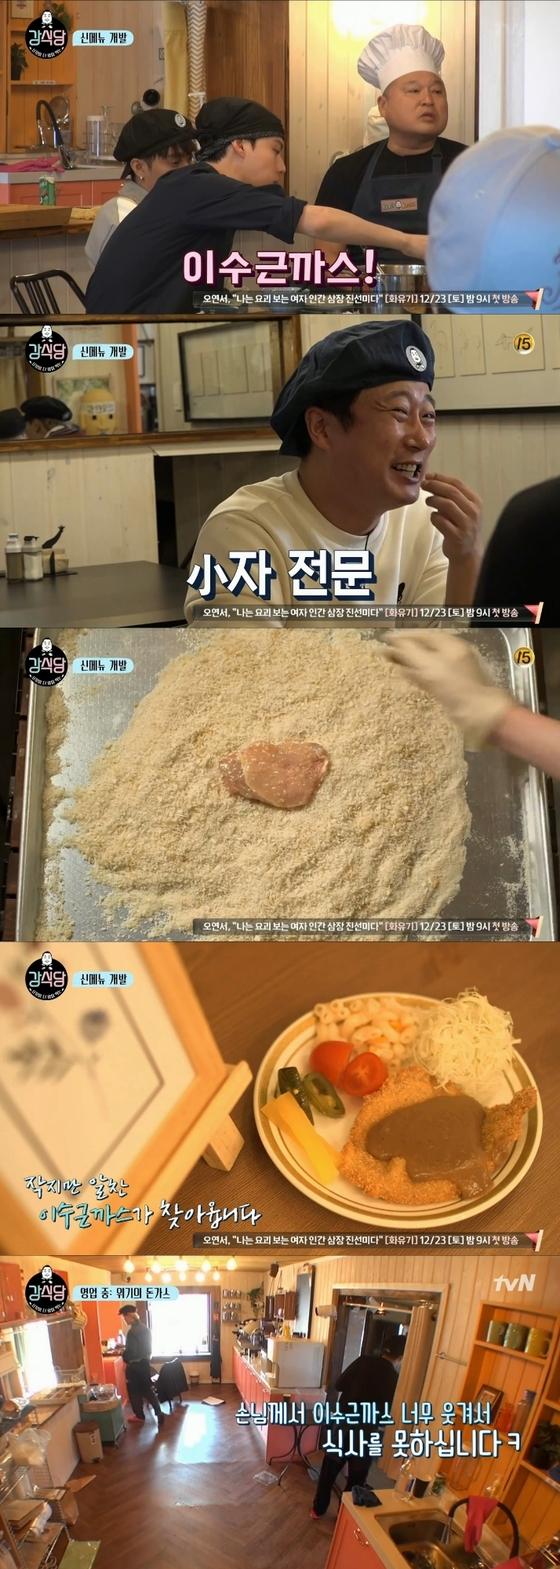 '강식당' 강호동가스 vs 이수근가스…비교 불가 크기에 손님들 웃음